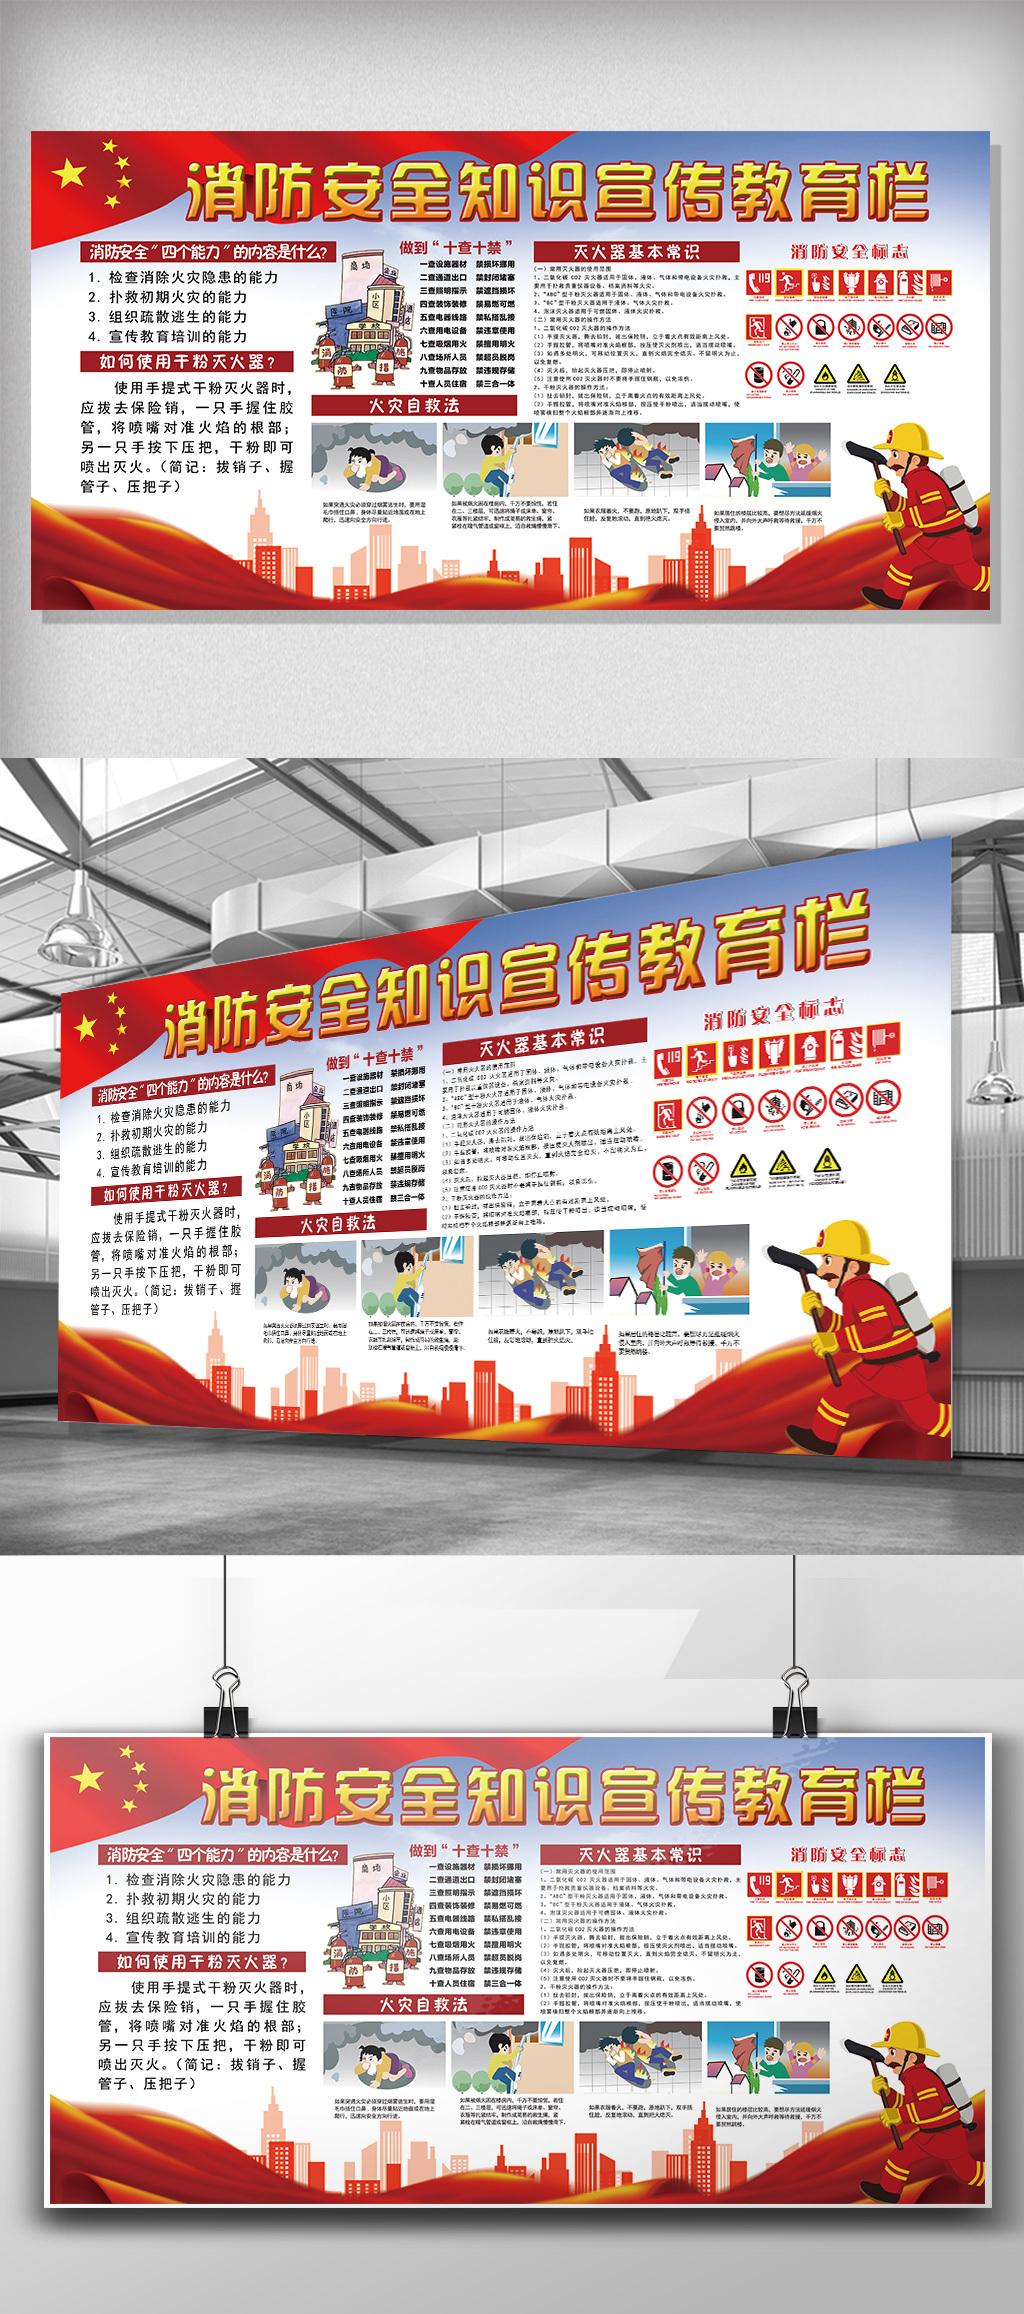 2018年免费消防安全日展板设计模.图片素材_高清psd